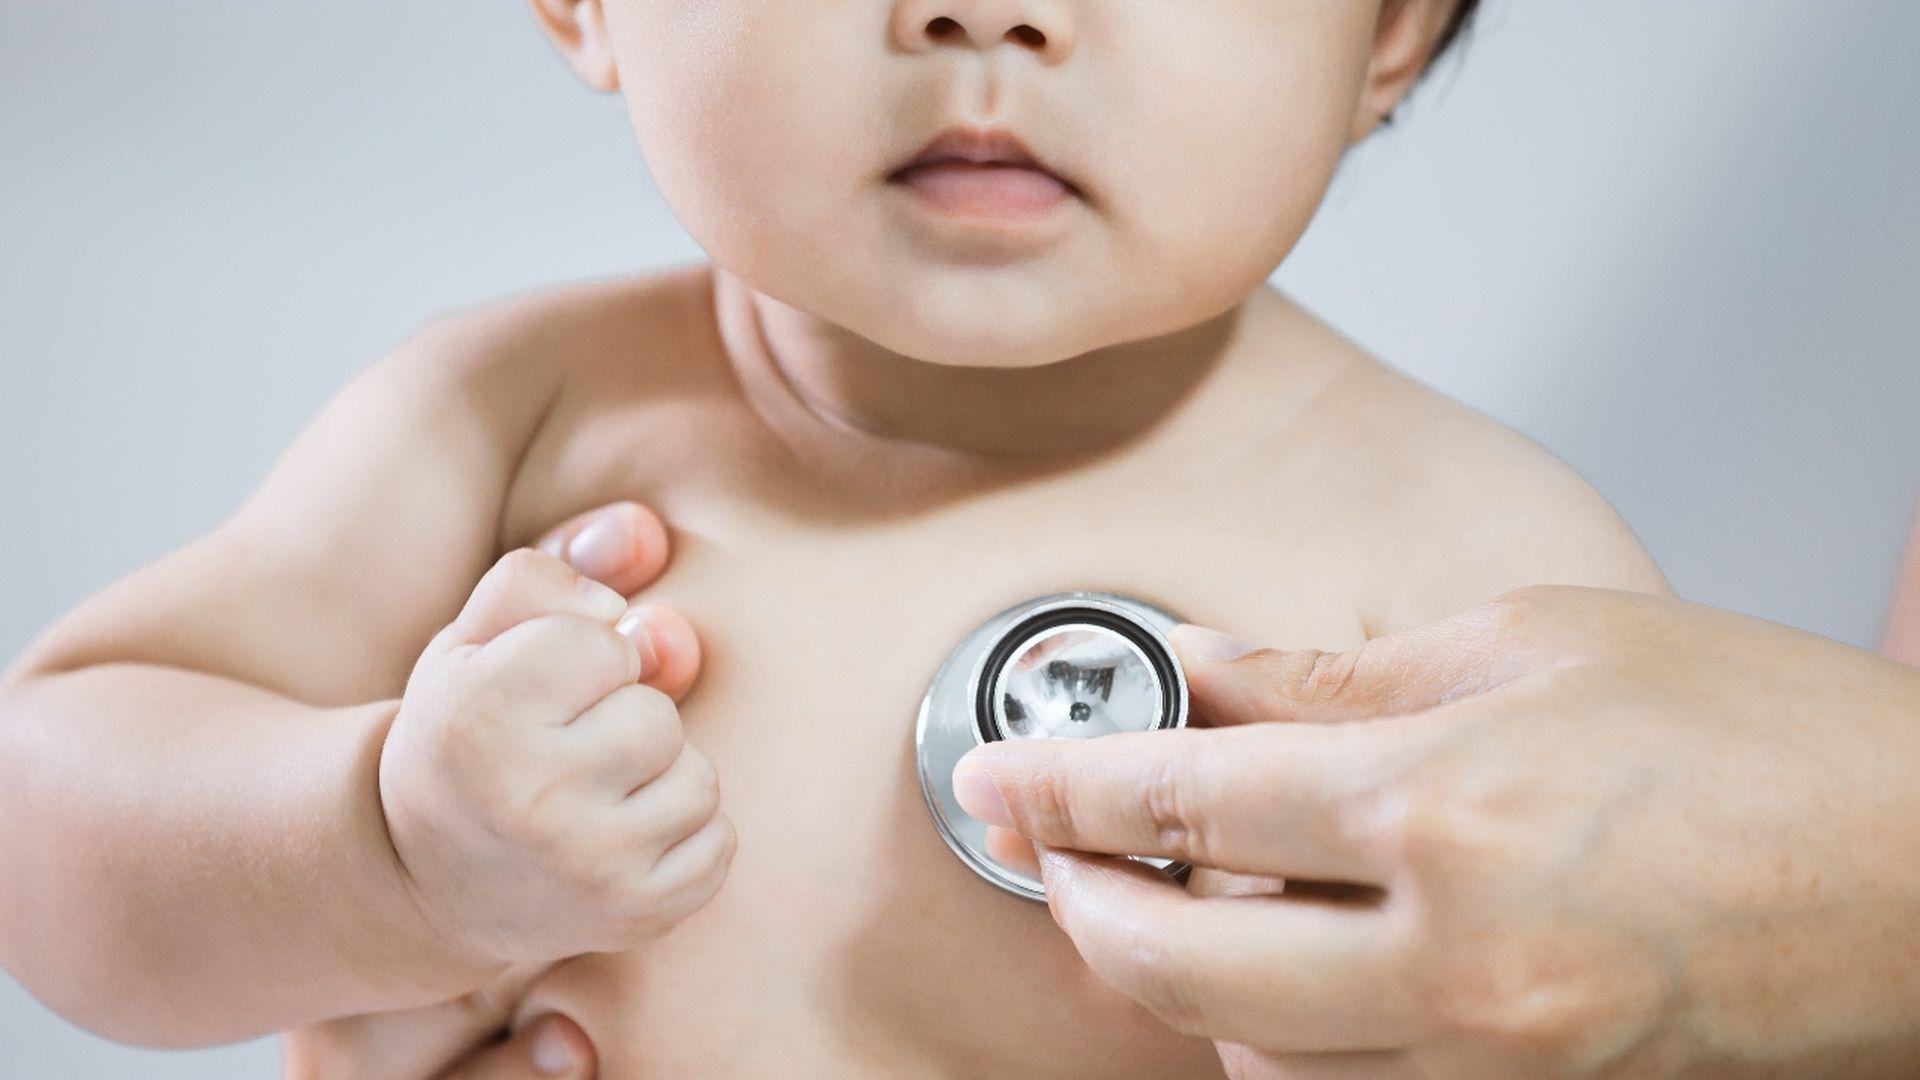 Qué hacer en caso de una urgencia médica